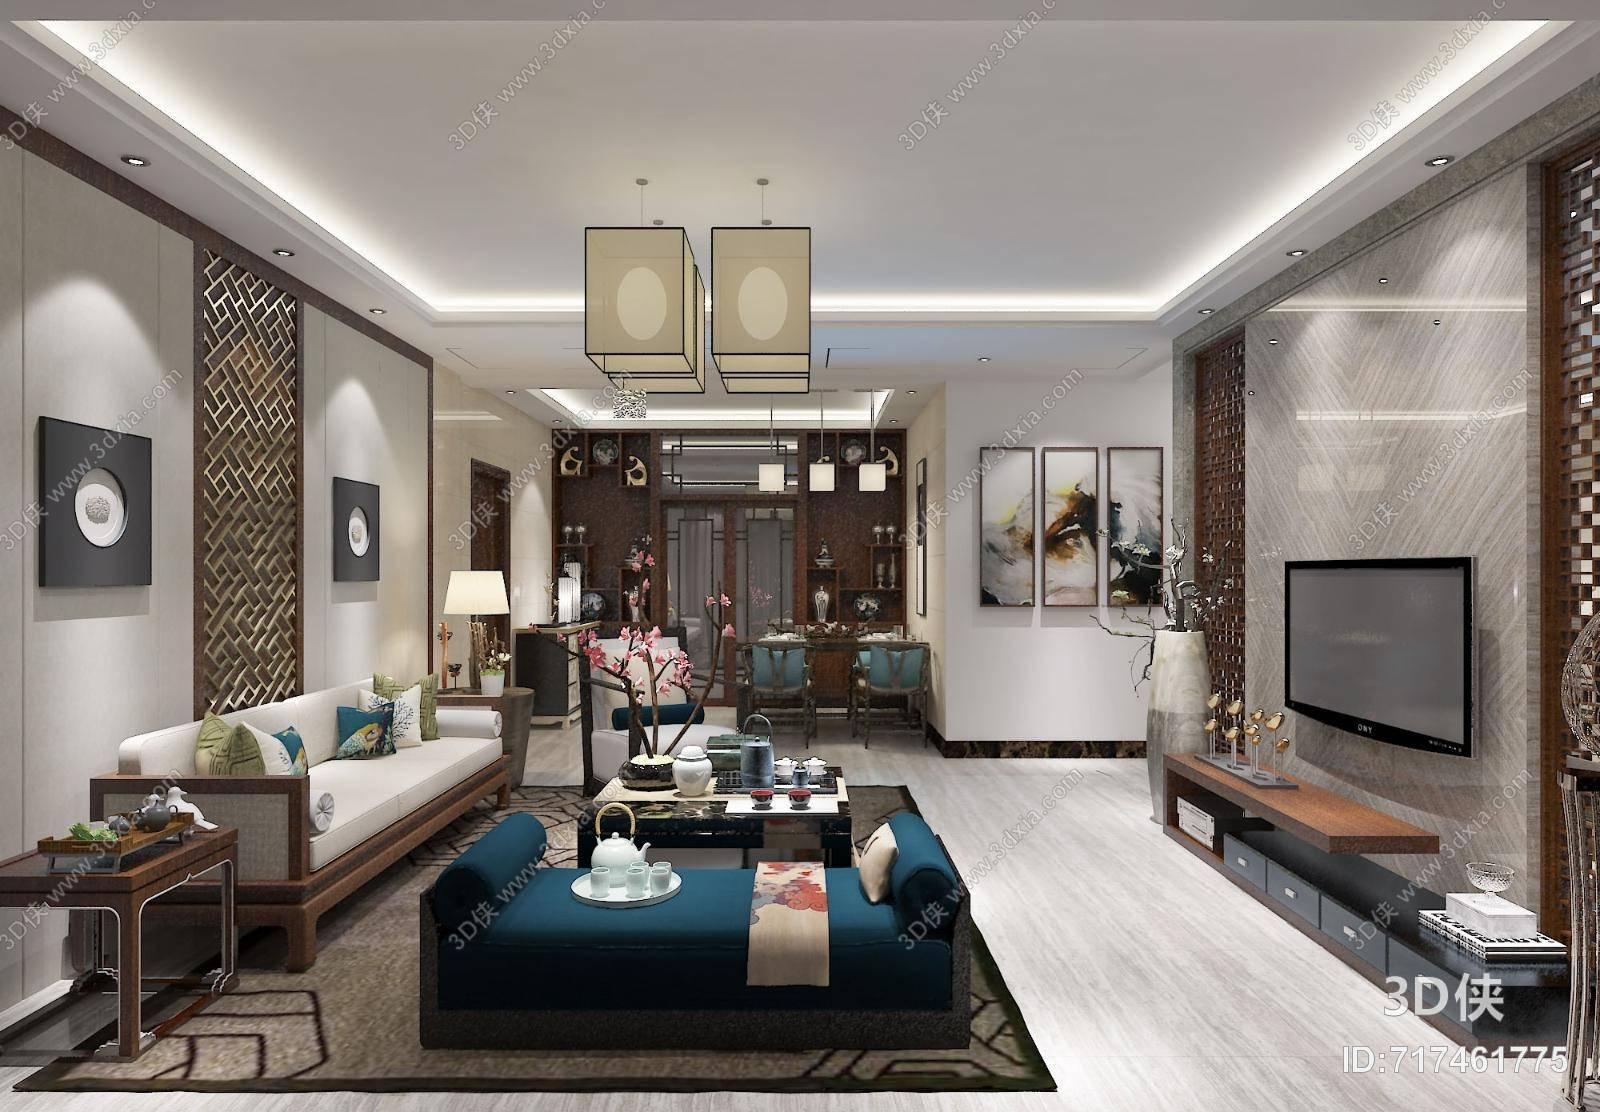 9及以下,建议使用3dmax 2012 软件打开,该新中式家居客厅图片素材大小